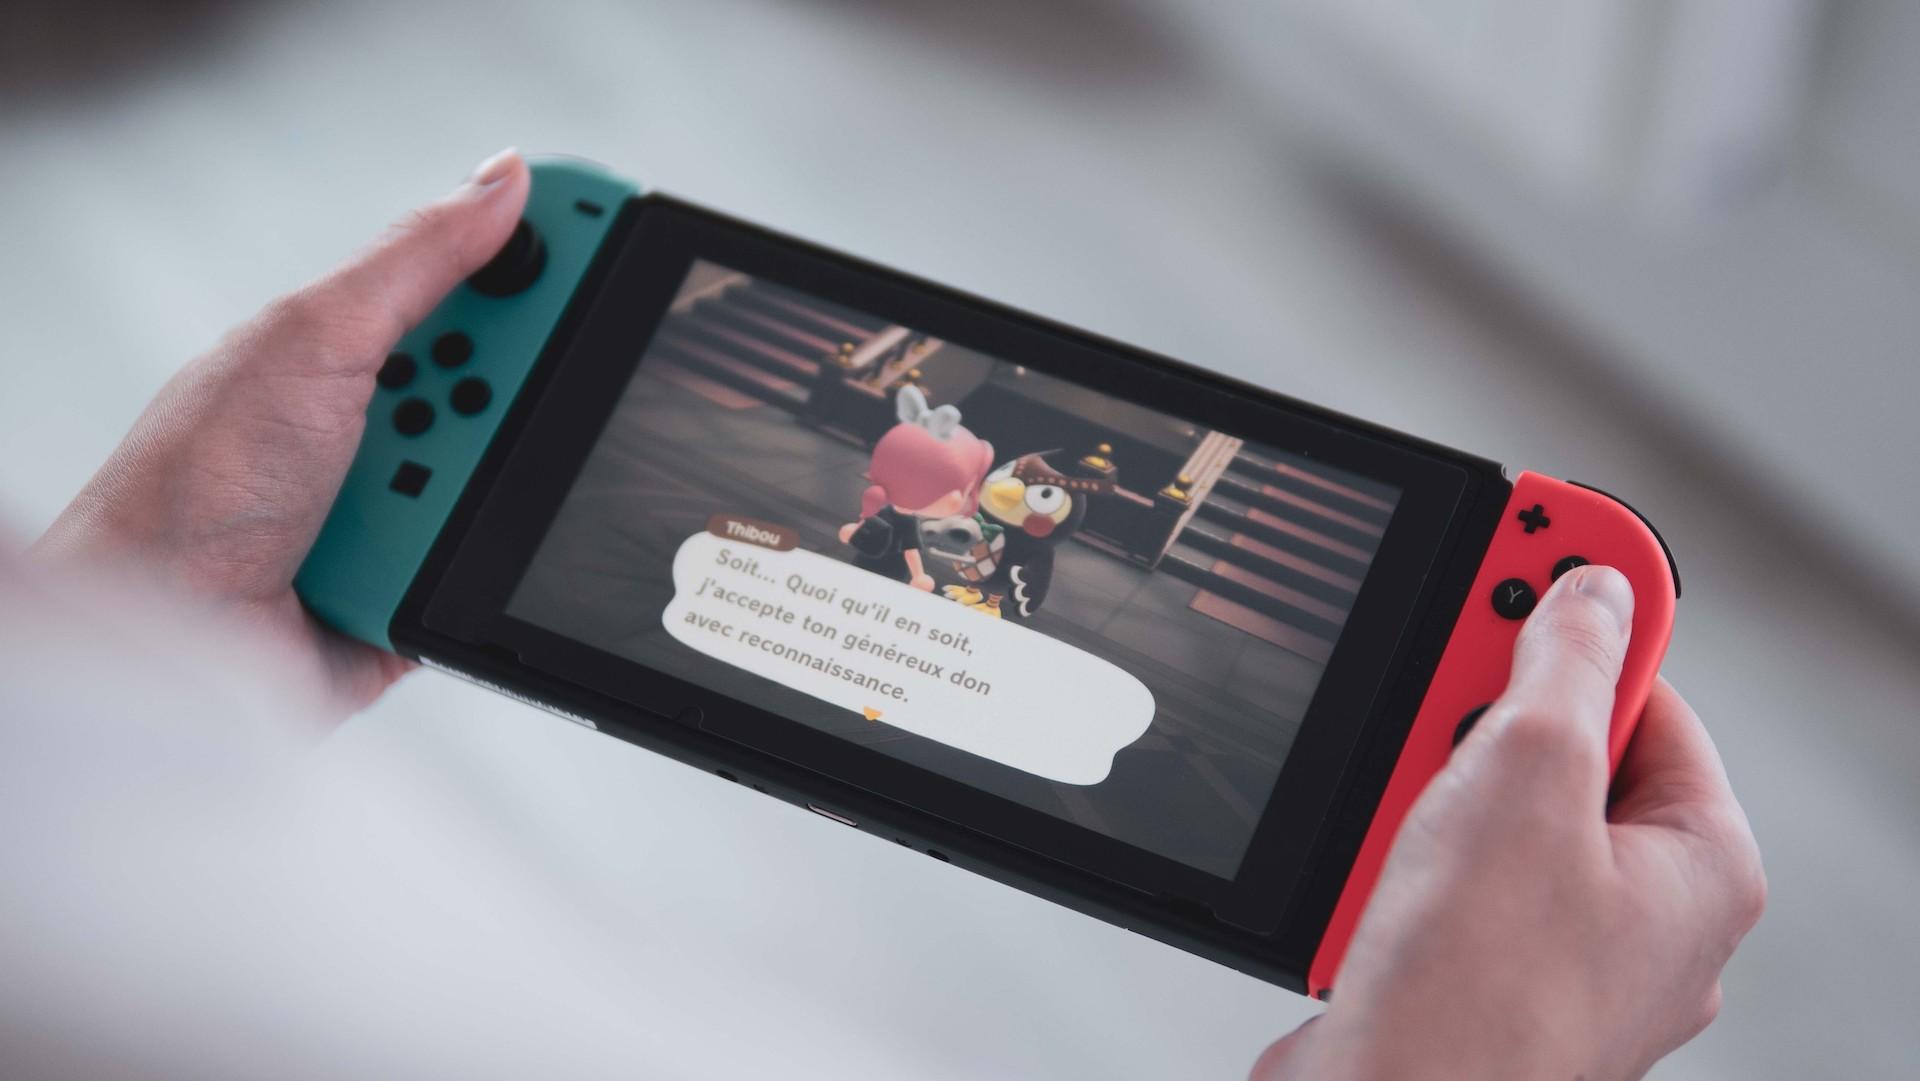 Nintendo confirme le hack de 160 000 comptes, mais estime ne pas être responsable